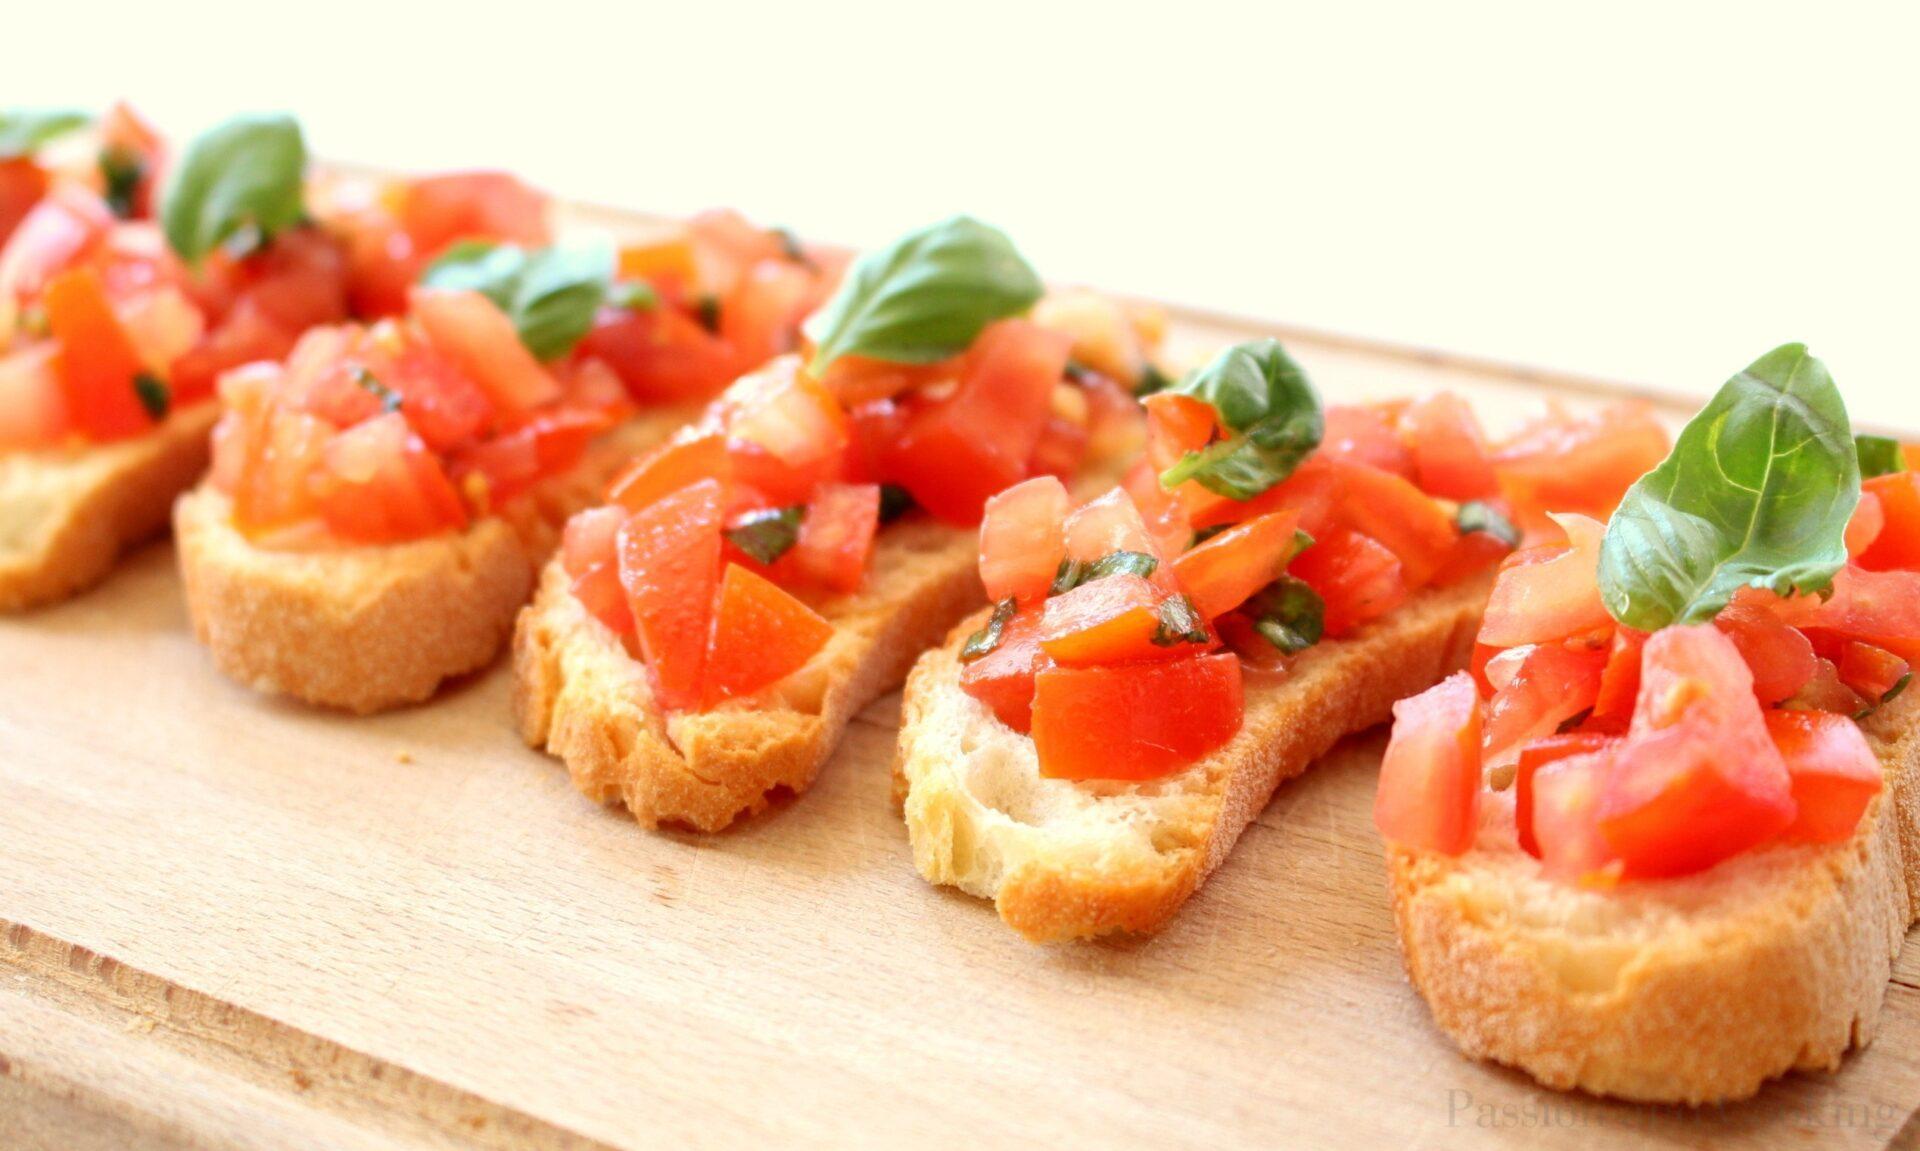 Bruschetta al Pomodoro (Tomato Bruschetta) - Passion and cooking